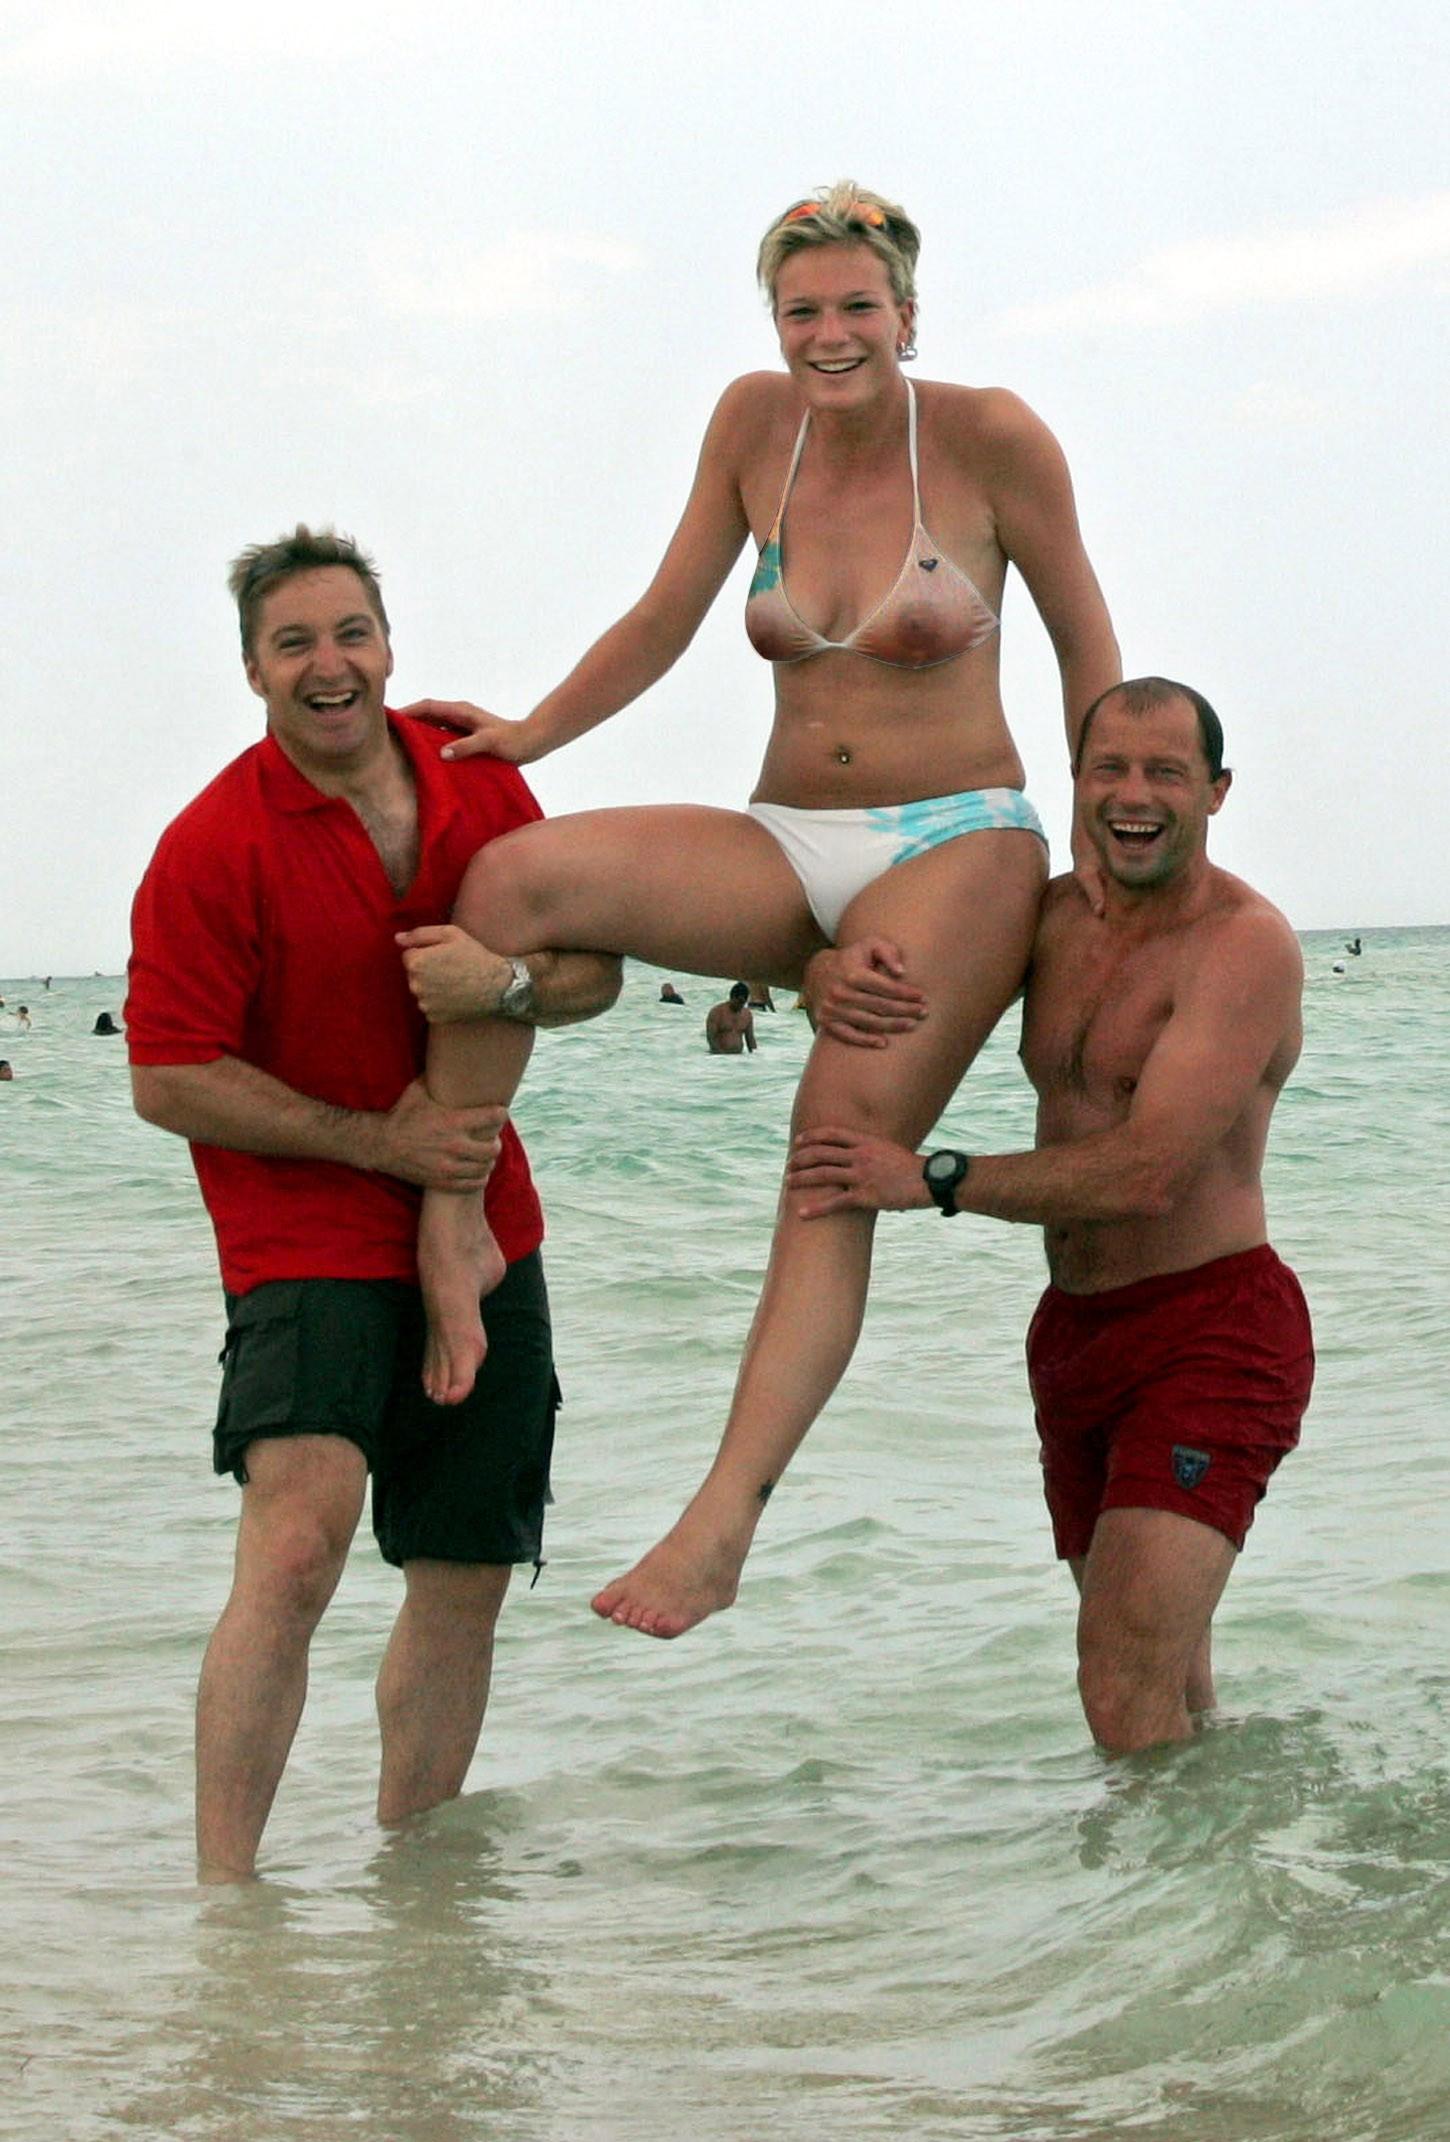 Deutsche und Österreichische Sportlerinnen nackt